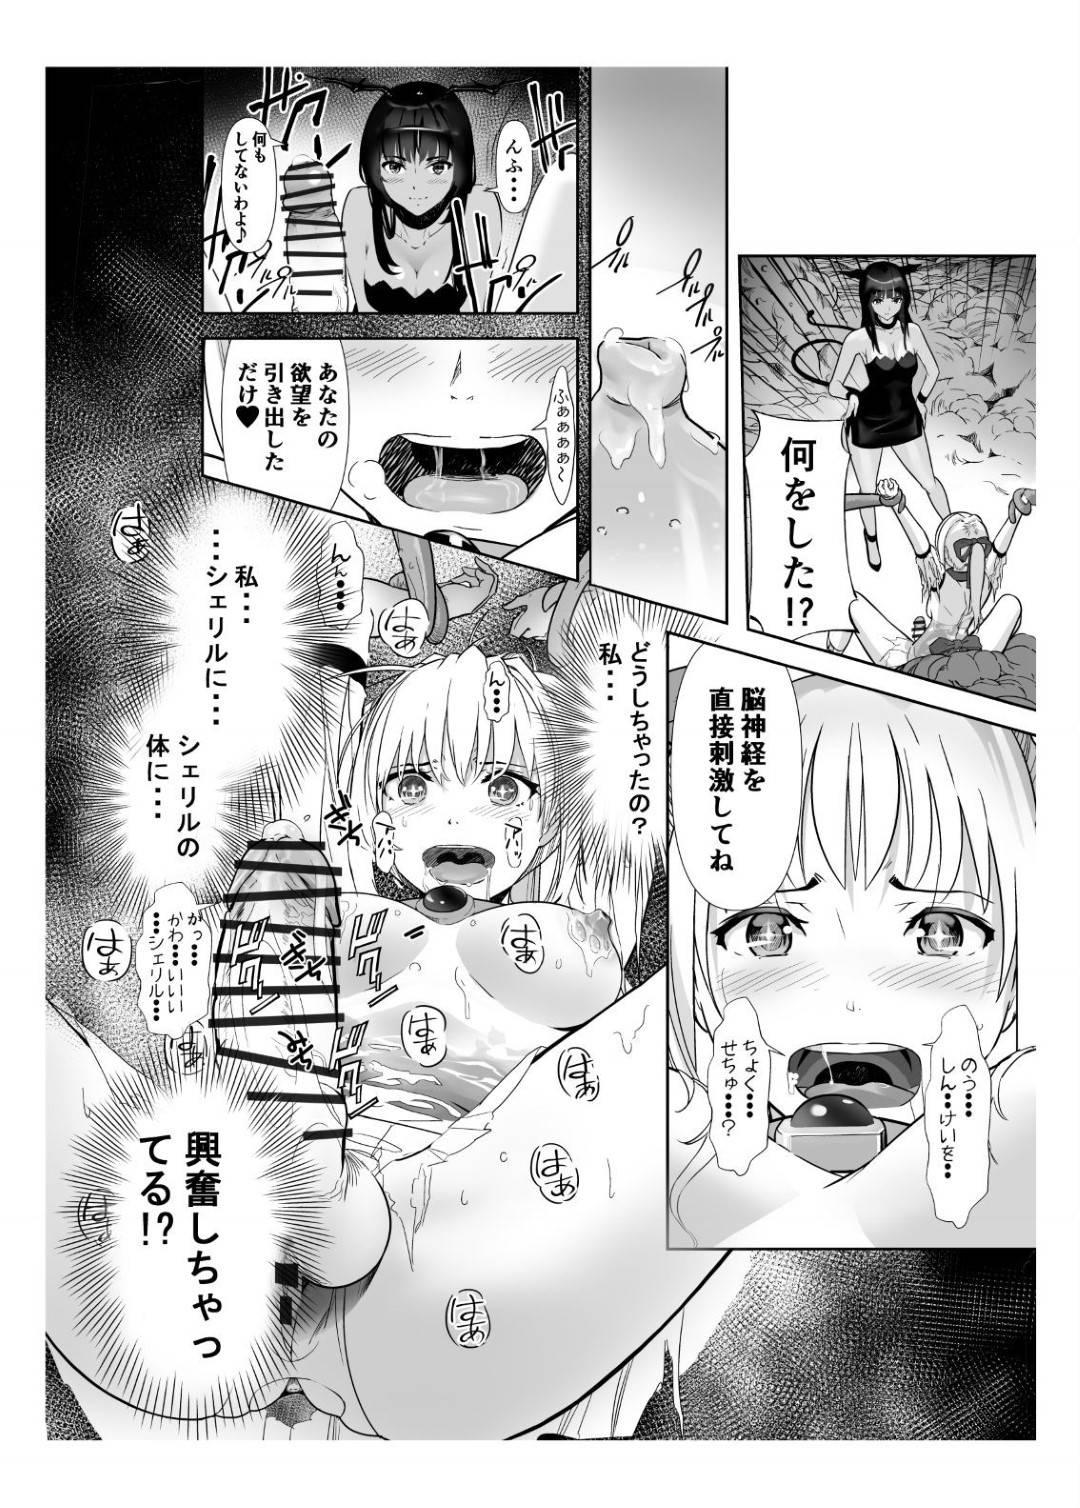 【エロ同人誌】淫魔のアジトで目を覚ましたふたなりの姫のアリス。状況を飲めないまま彼女は触手に身体を縛り付けられて犯されてしまう!更に目の前に女淫魔が現れ、彼女に更に手コキ責めをされてしまう。【オリジナル】